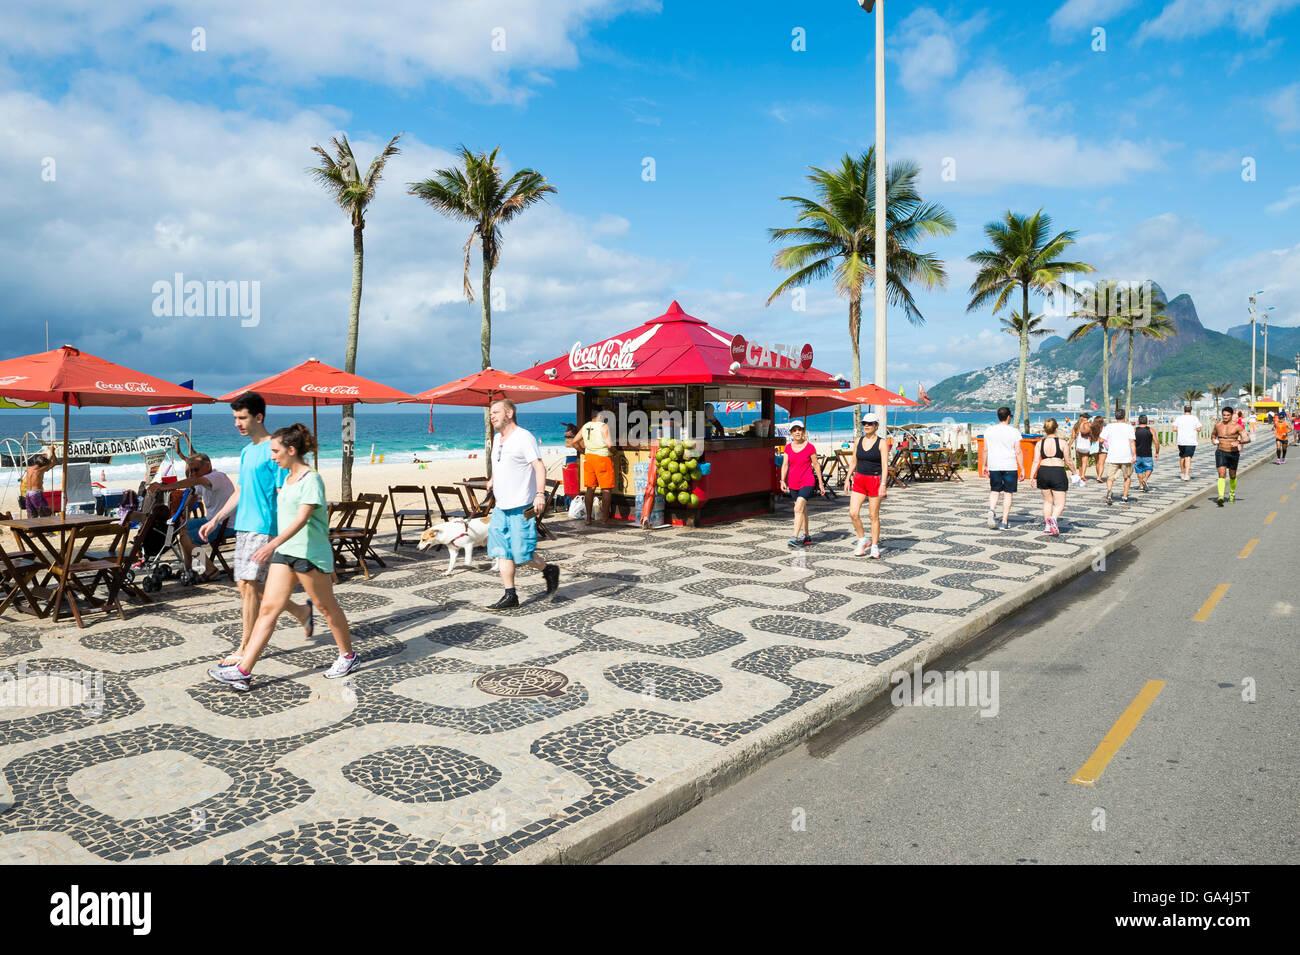 RIO DE JANEIRO - APRIL 3, 2016: Pedestrians pass Brazilians relaxing at a kiosk on a bright morning at Ipanema Beach. - Stock Image